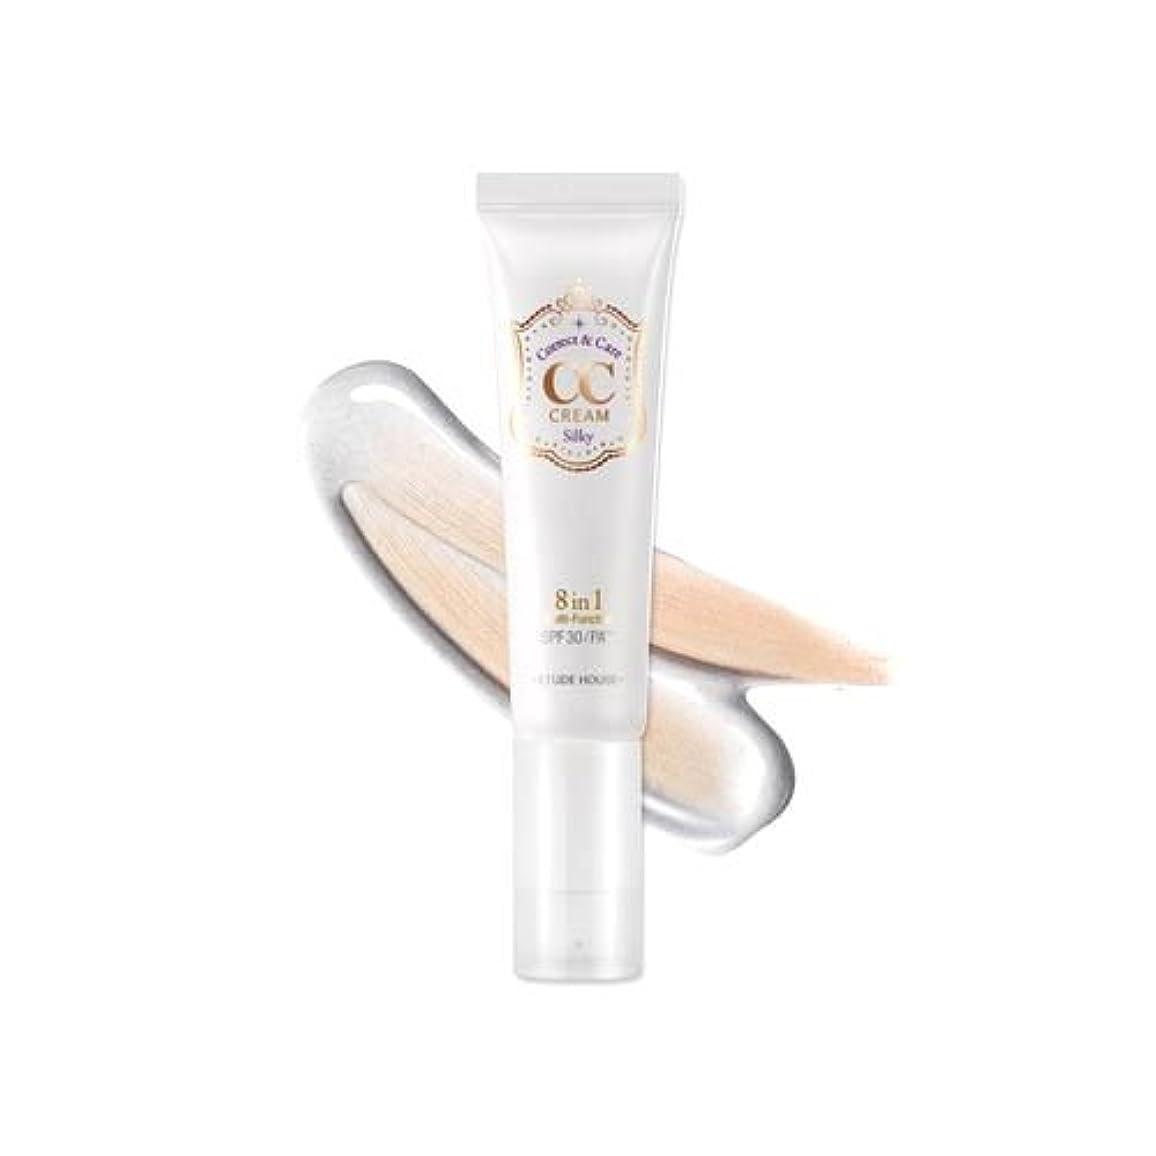 支援ギネスコンテスト(6 Pack) ETUDE HOUSE CC Cream - #01 Silky (並行輸入品)